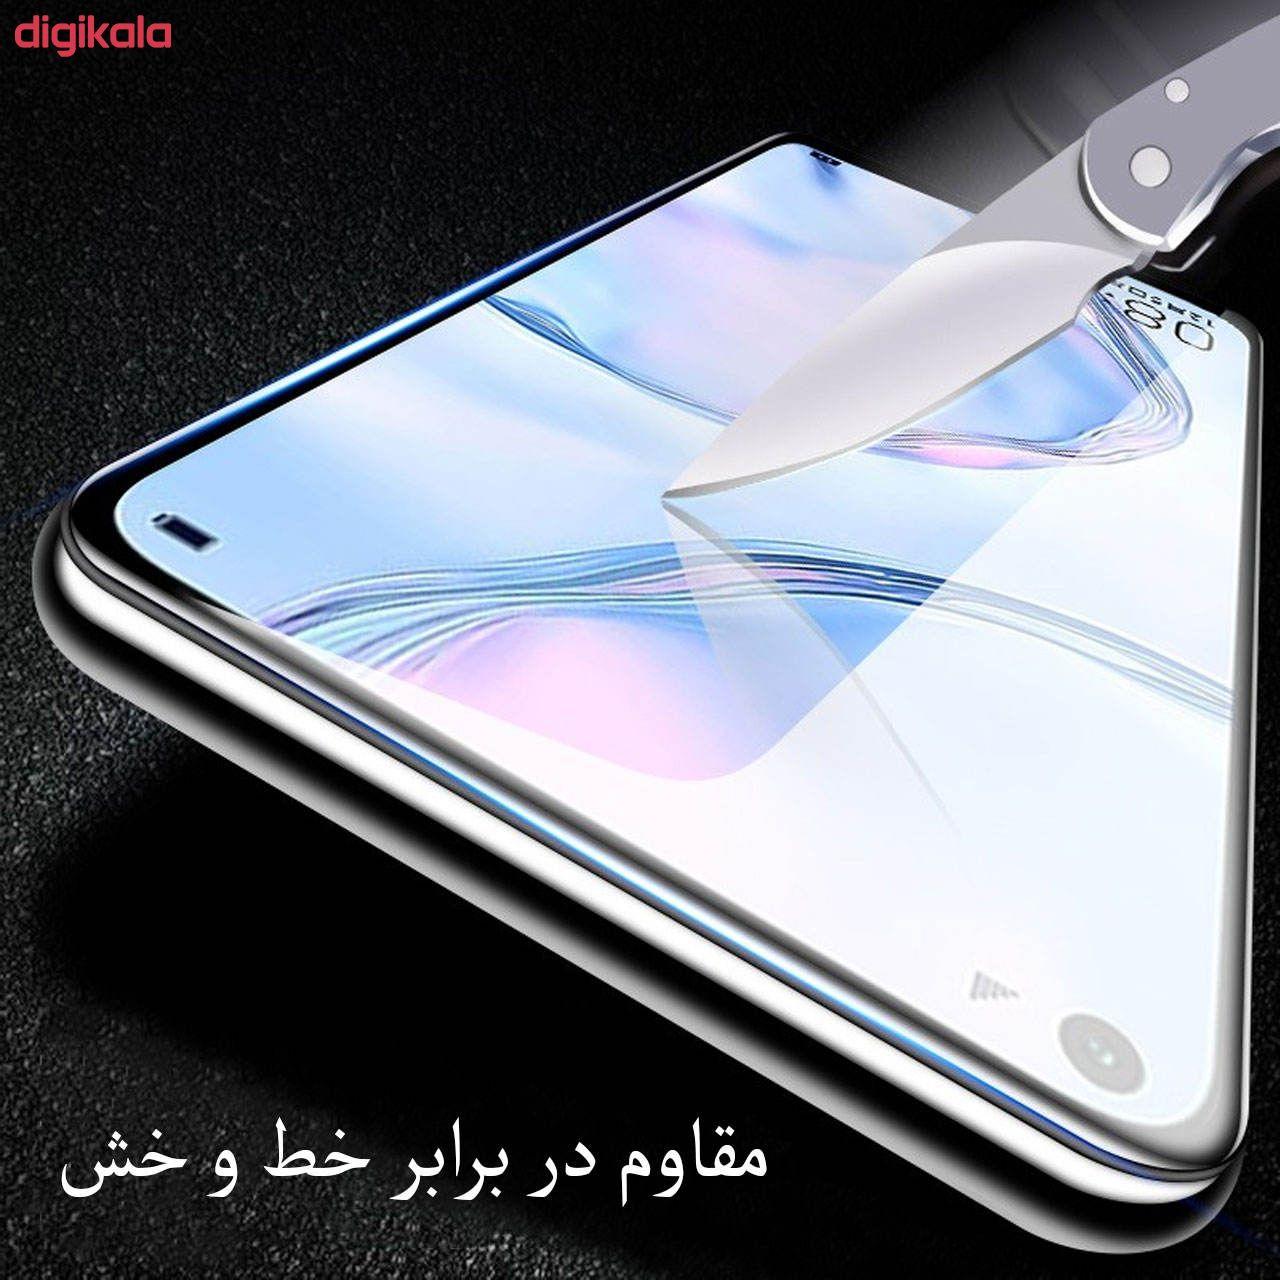 محافظ پشت گوشی شیپ مدل BKSH-01 مناسب برای گوشی موبایل سامسونگ Galaxy A71 main 1 8